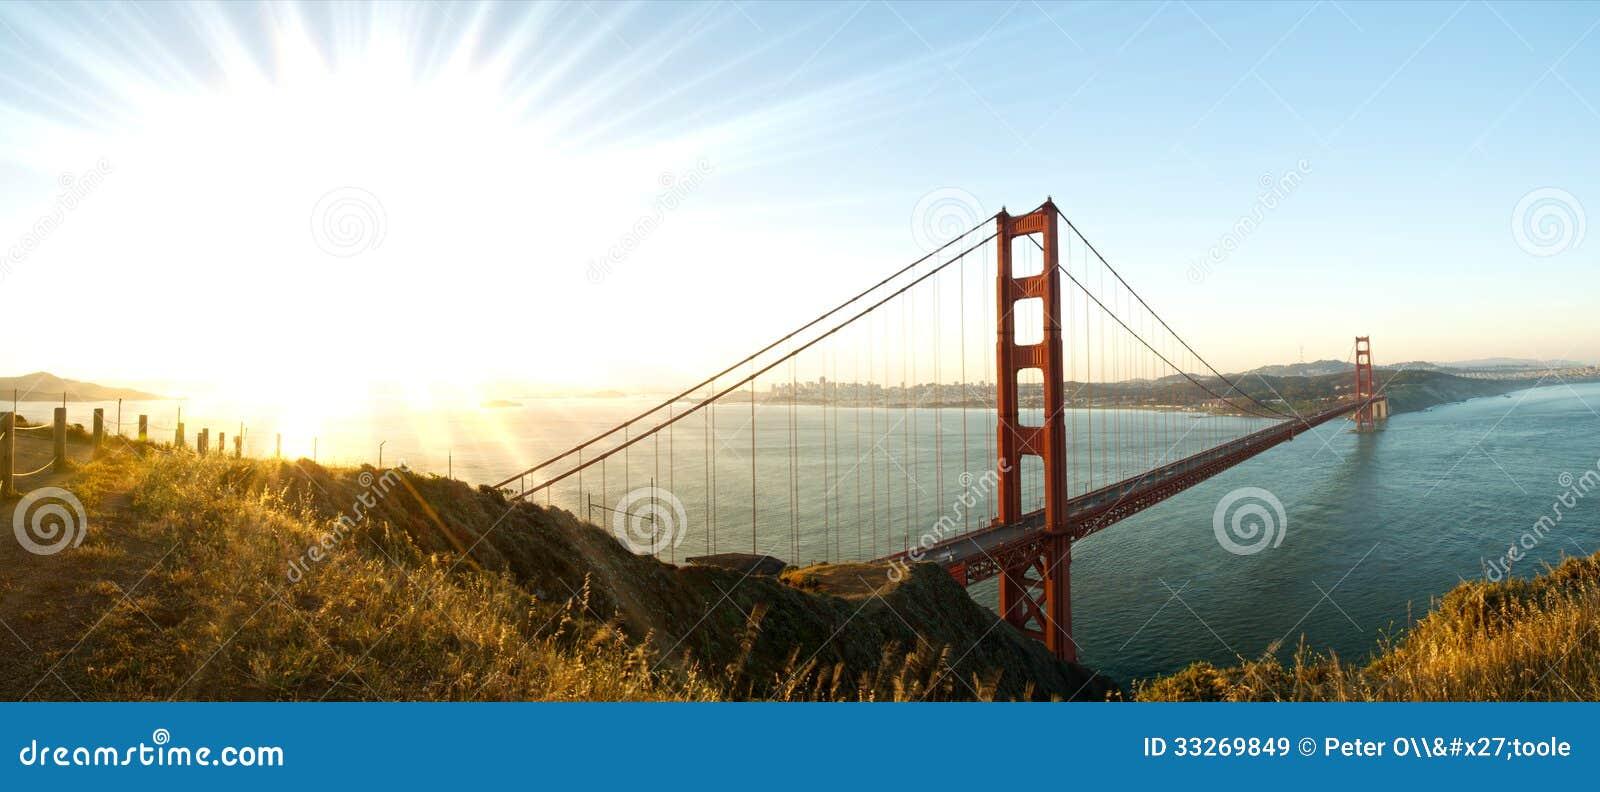 Panorama de puente Golden Gate, San Francisco en el amanecer